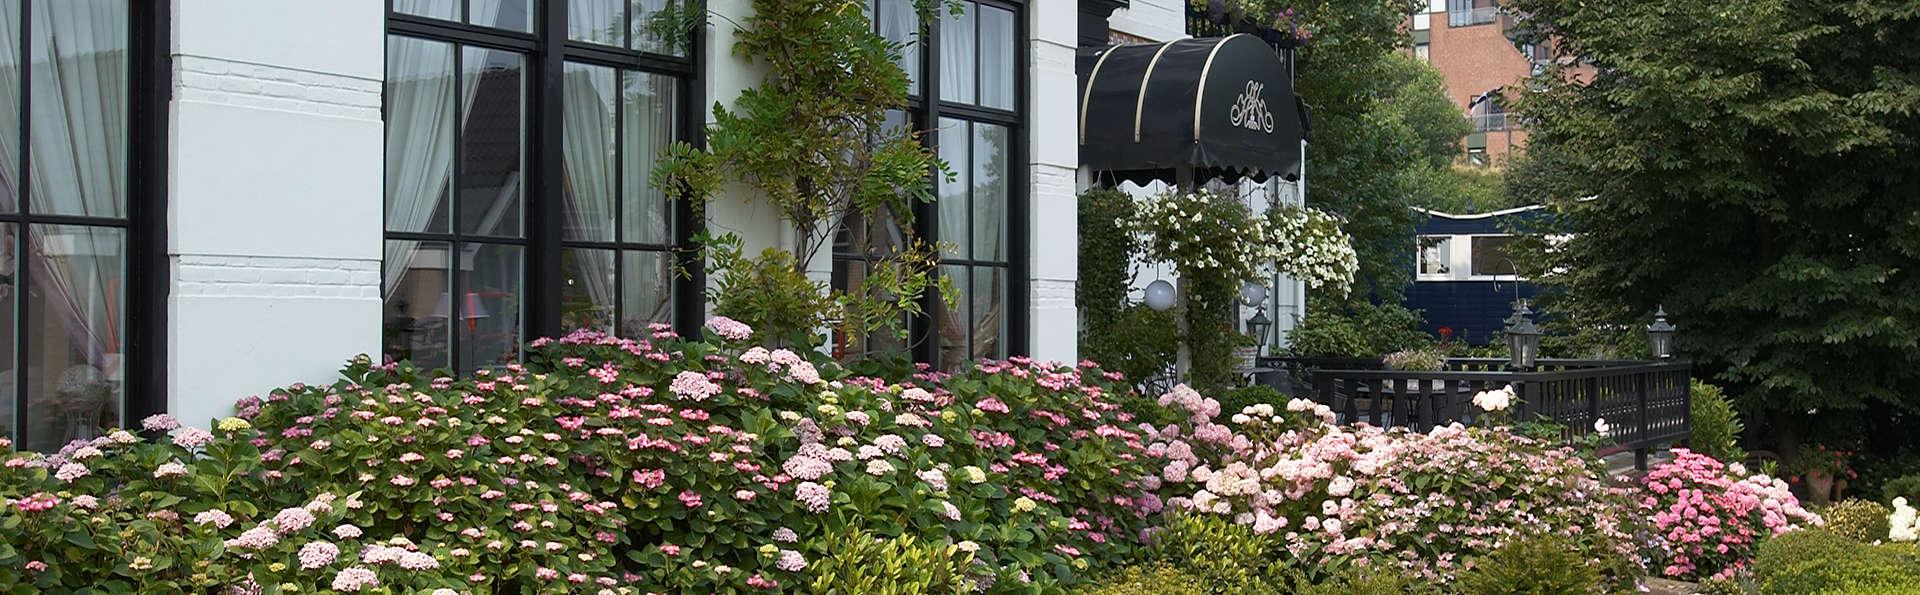 Séjournez dans un charmant hôtel sur la côte dans le grand luxe